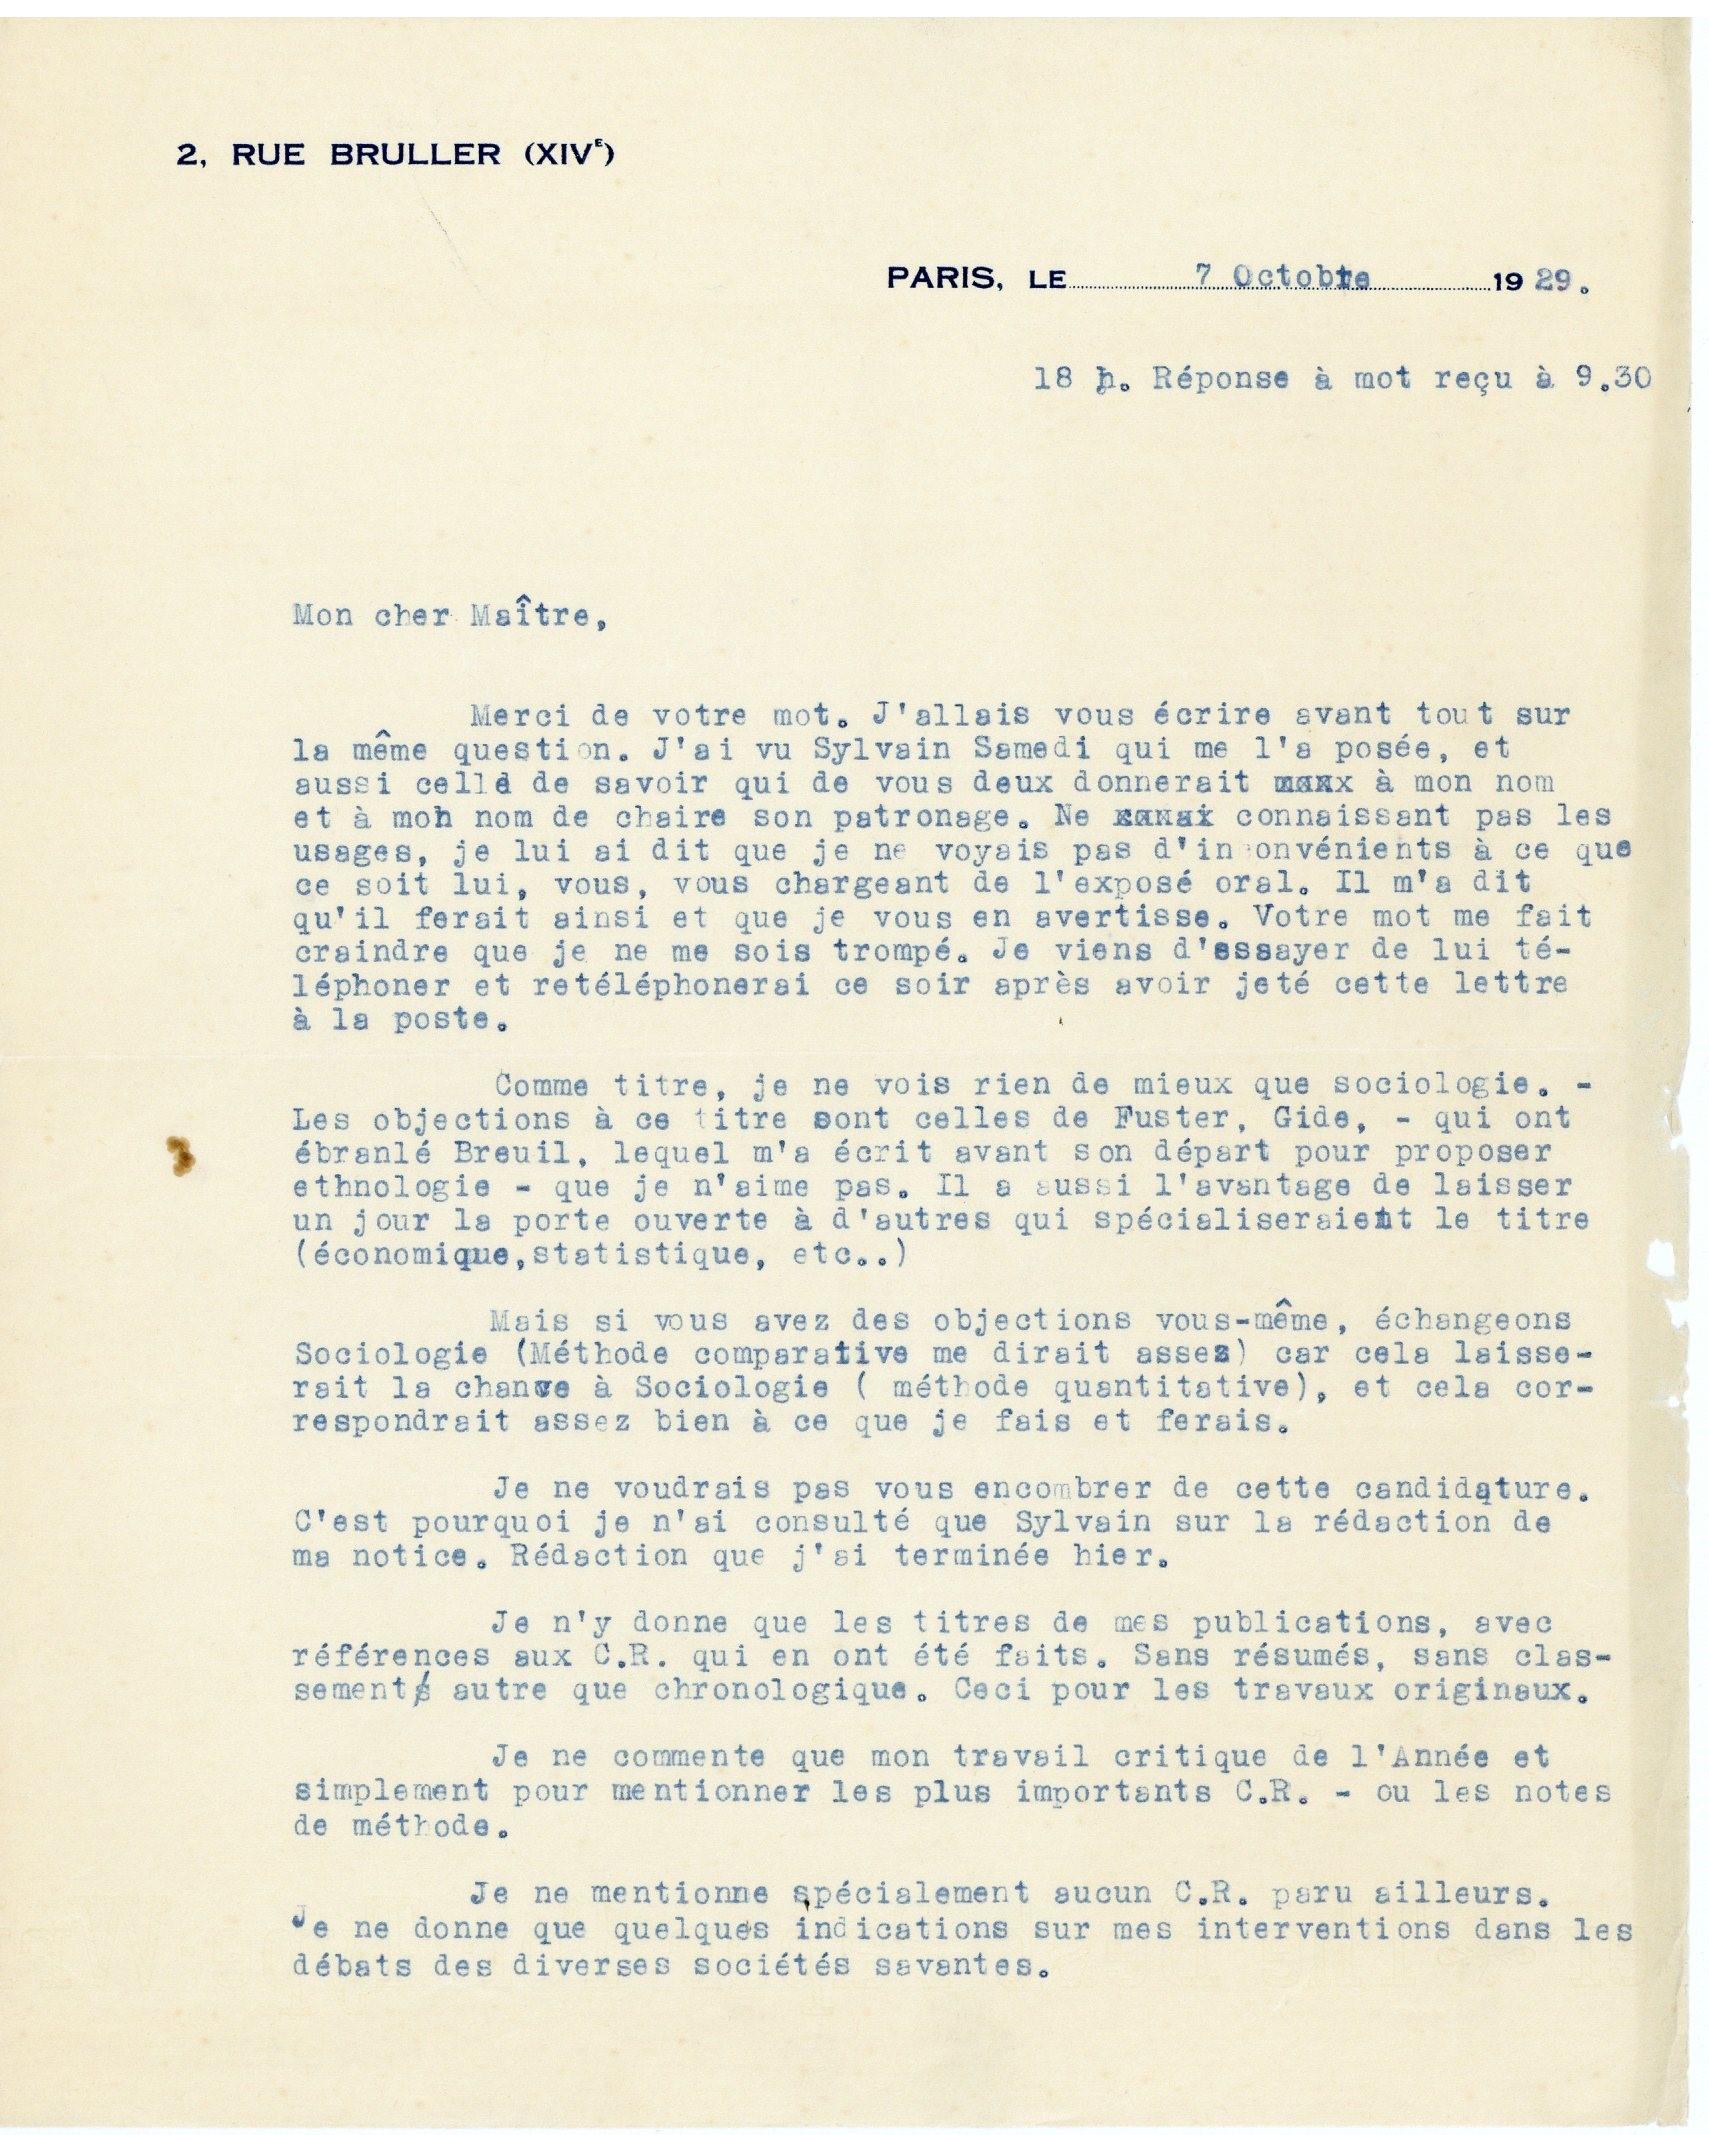 Lettre de Marcel Mauss à Antoine Meillet, 7 octobre 1929